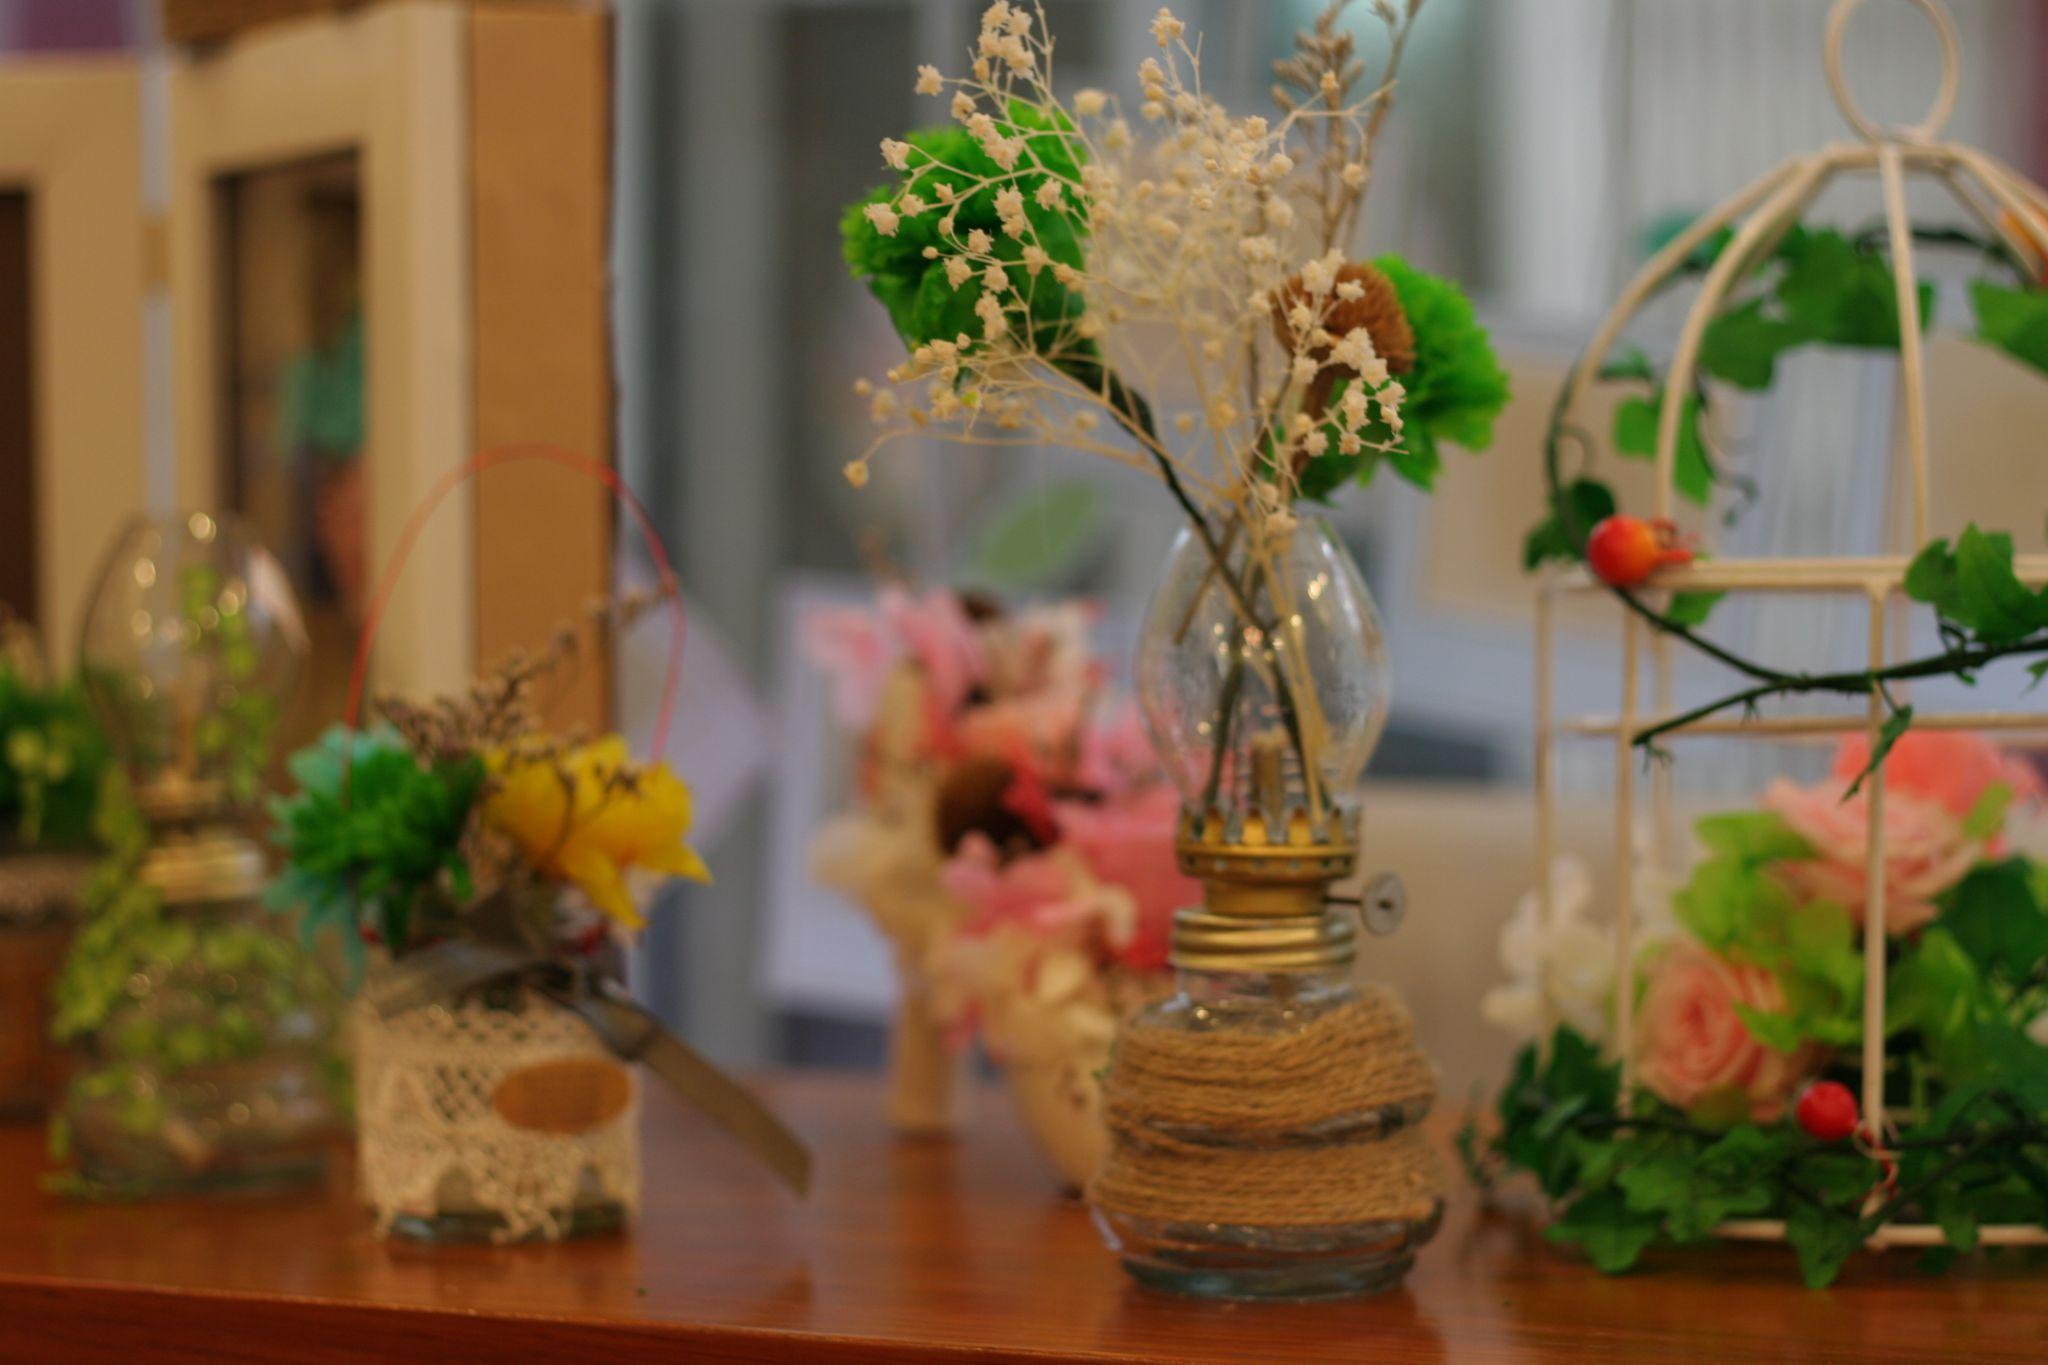 Hoa Cẩm Chướng được cắm vào đèn dầu cổ trang trí cafe